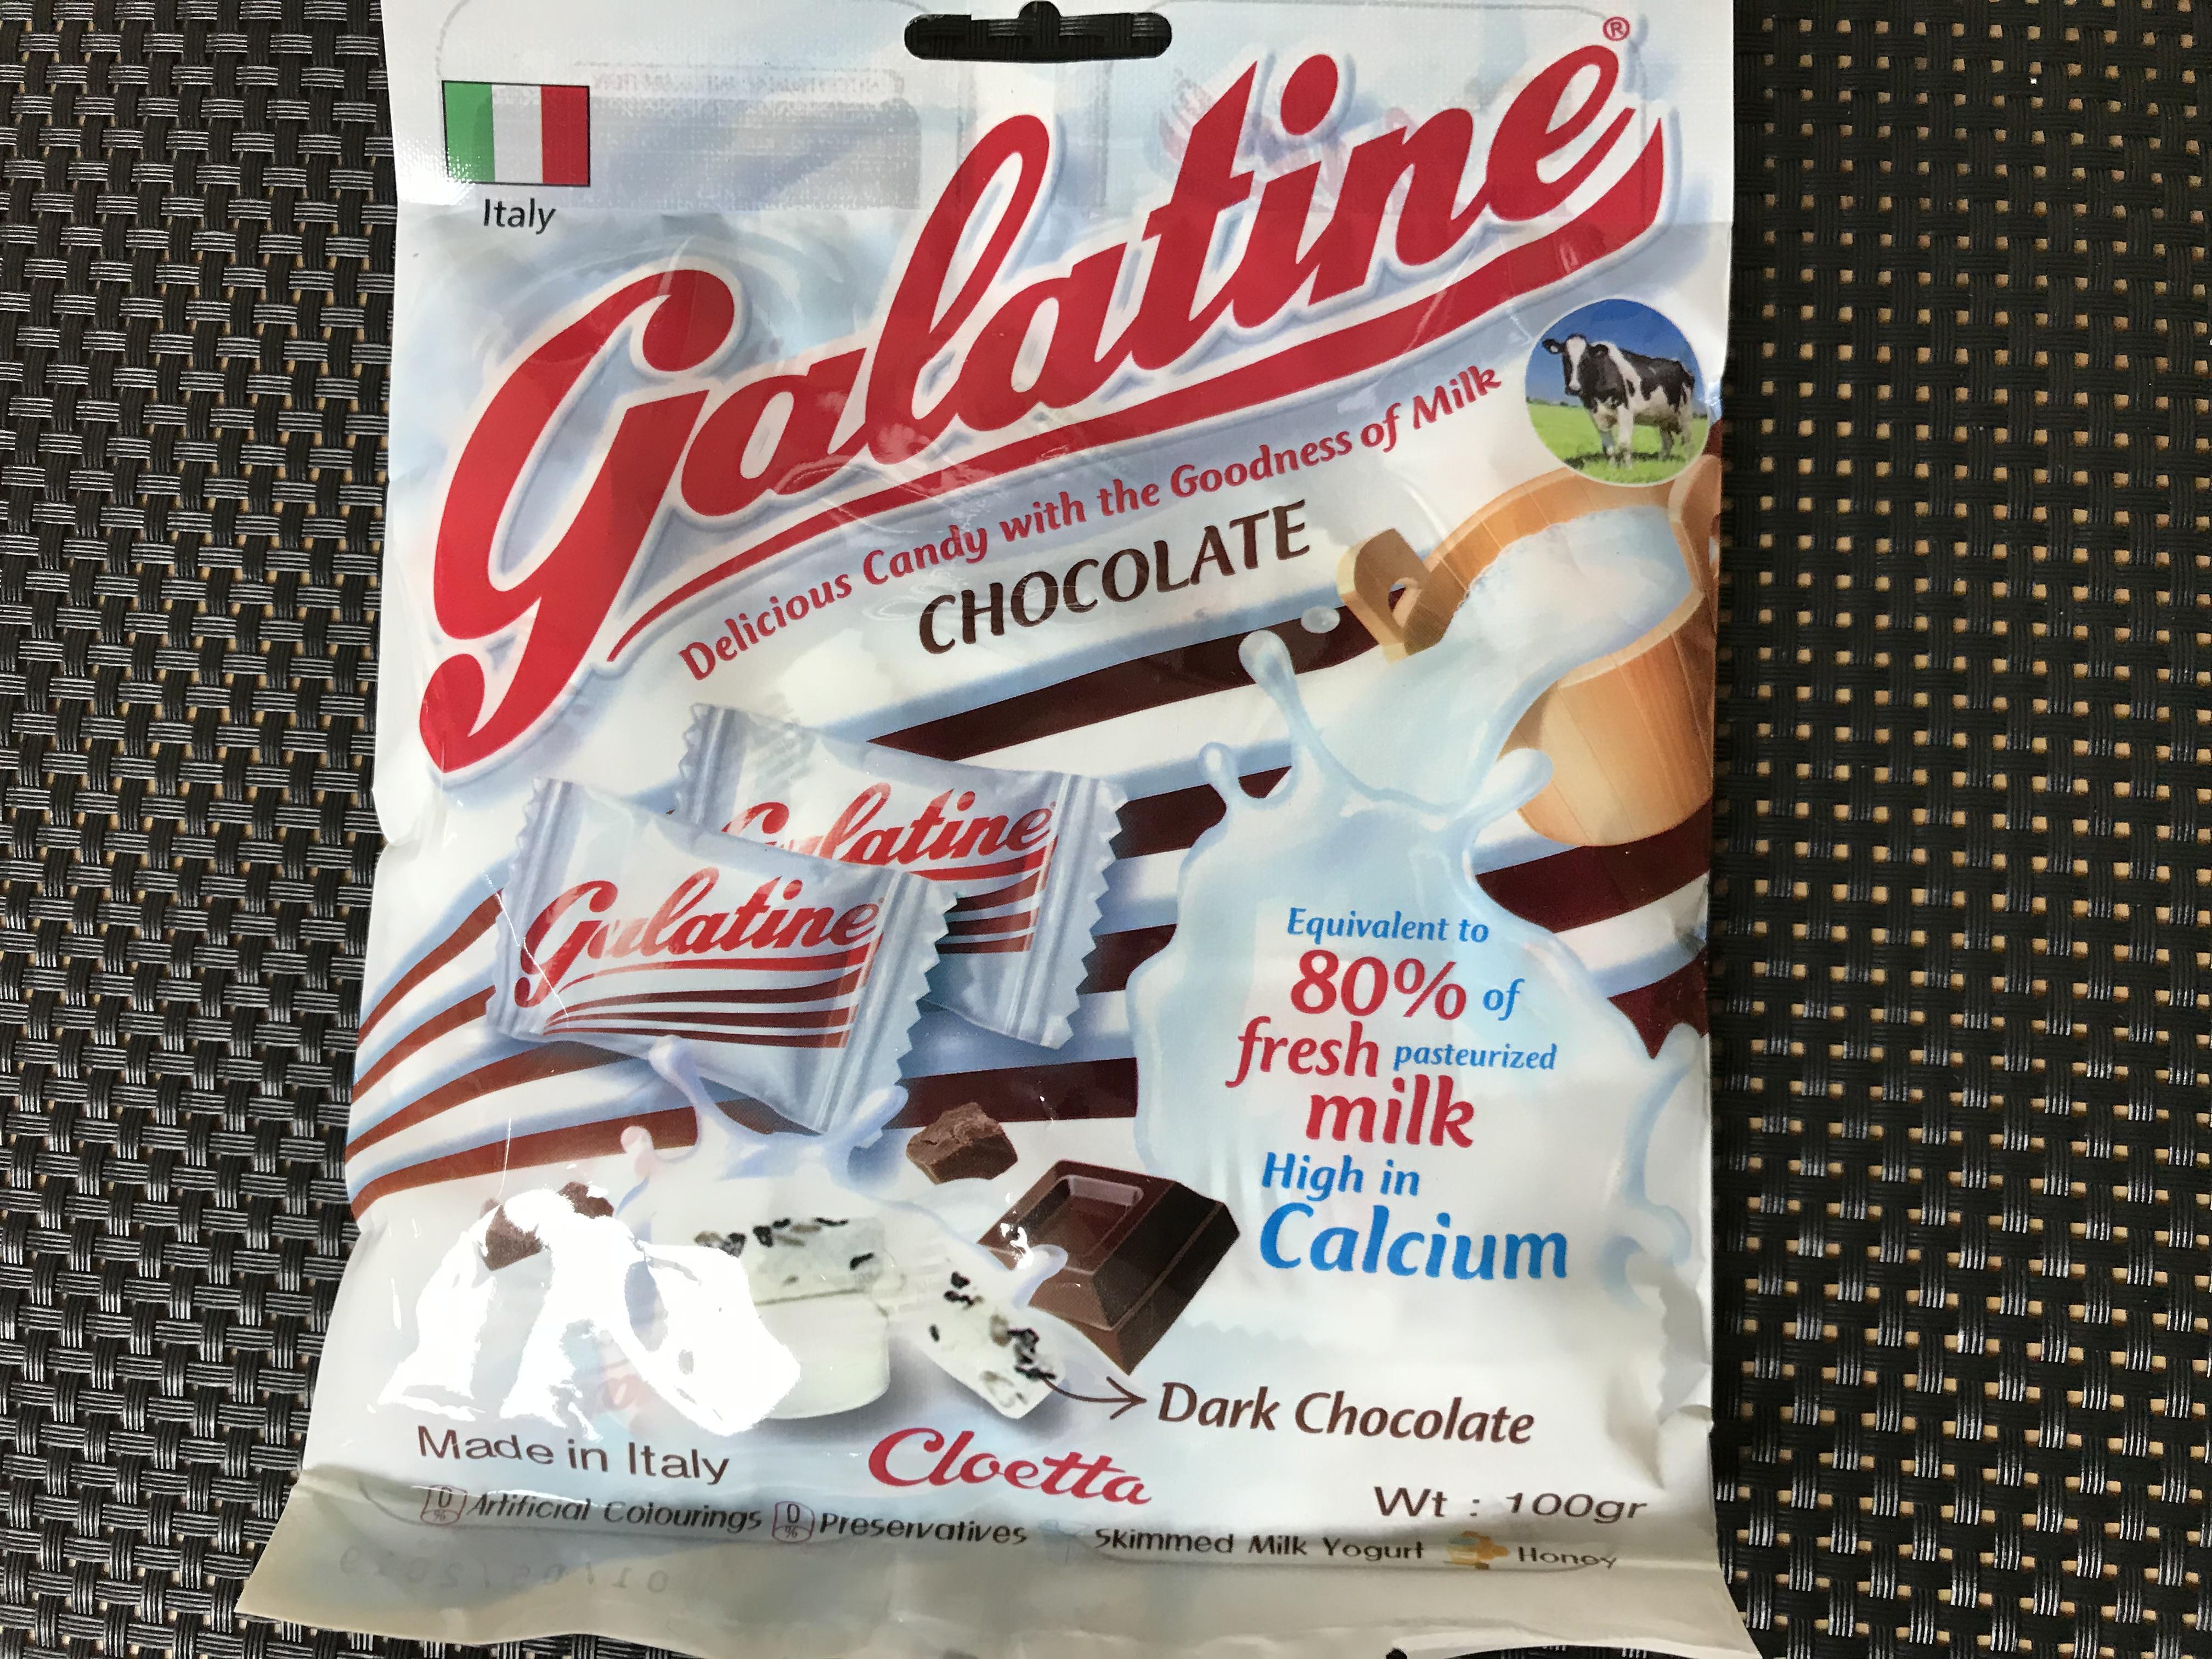 [갈라티네] 갈라티네 초콜릿맛